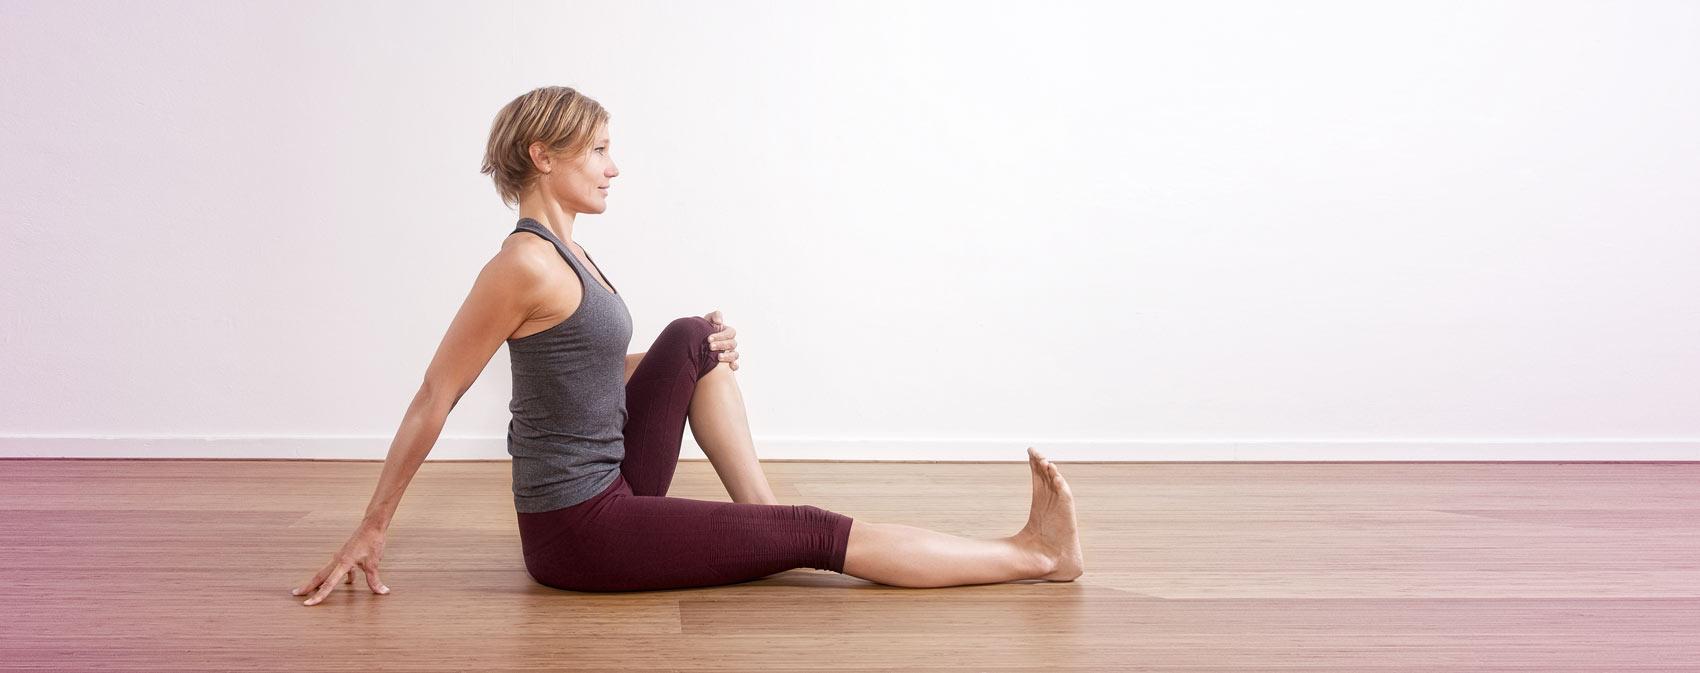 Online Yoga, Yin yoga